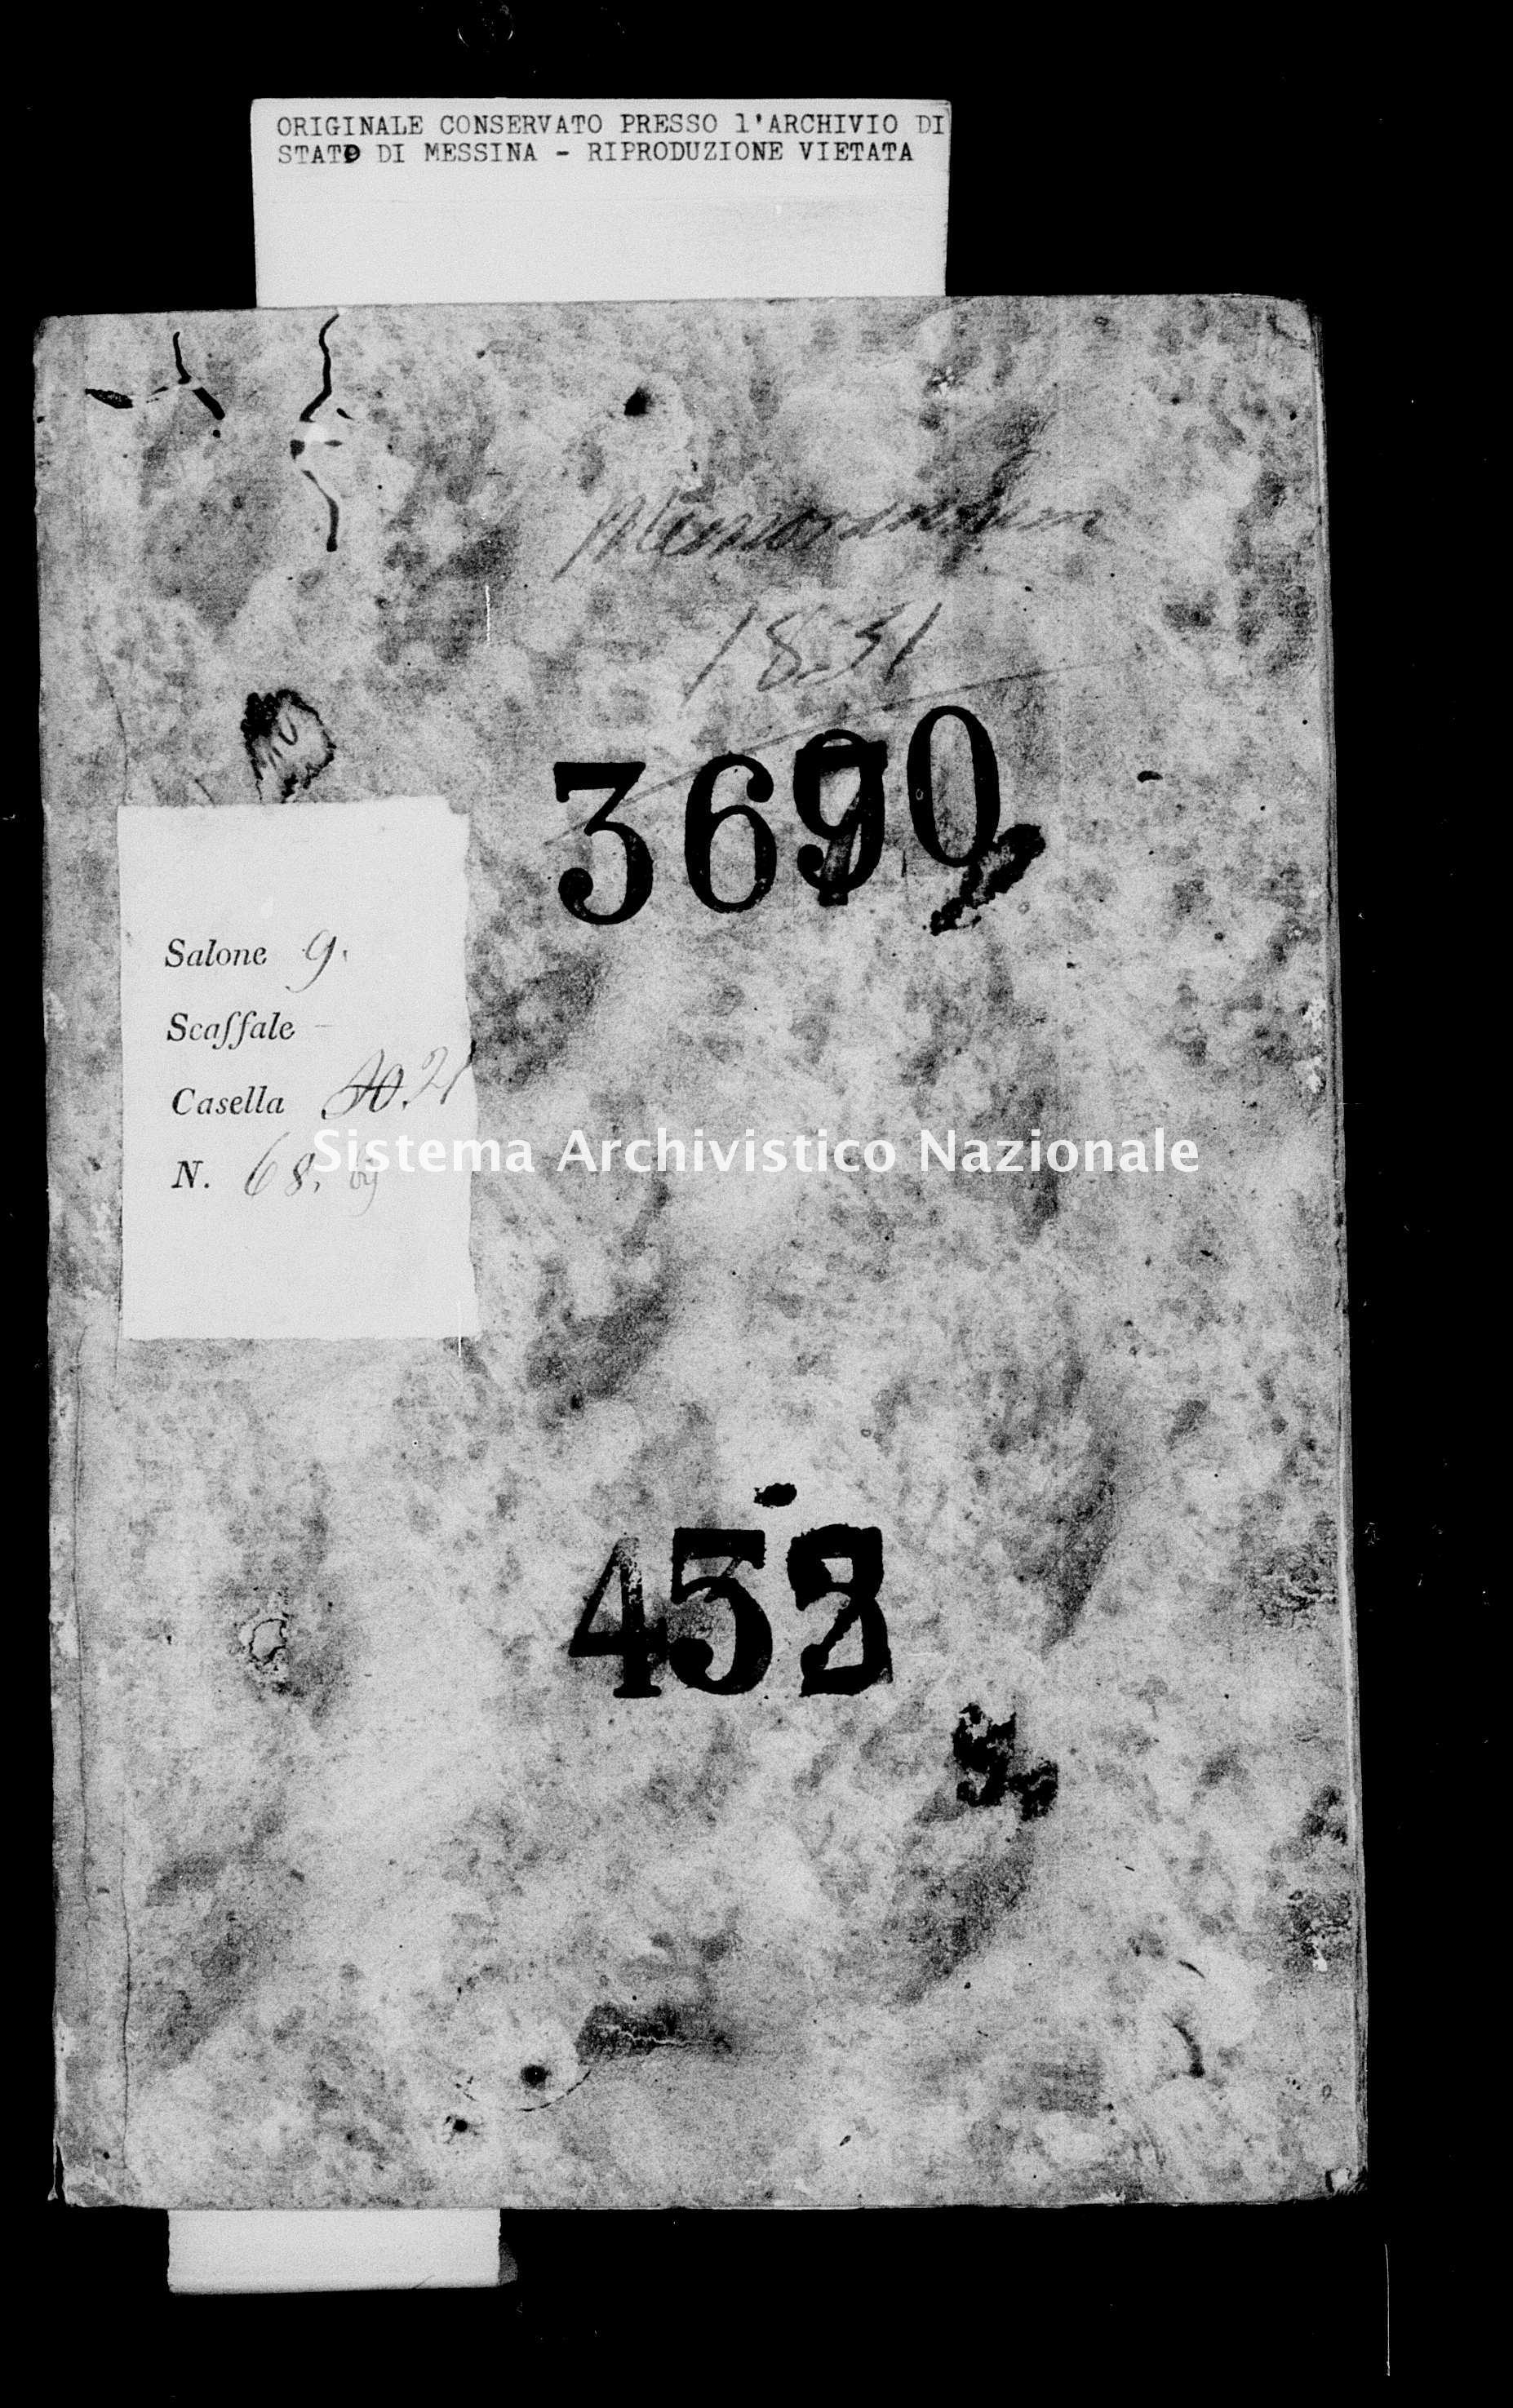 Archivio di stato di Messina - Stato civile della restaurazione - Gallodoro - Matrimoni, memorandum notificazioni ed opposizioni - 1831 - 452 -